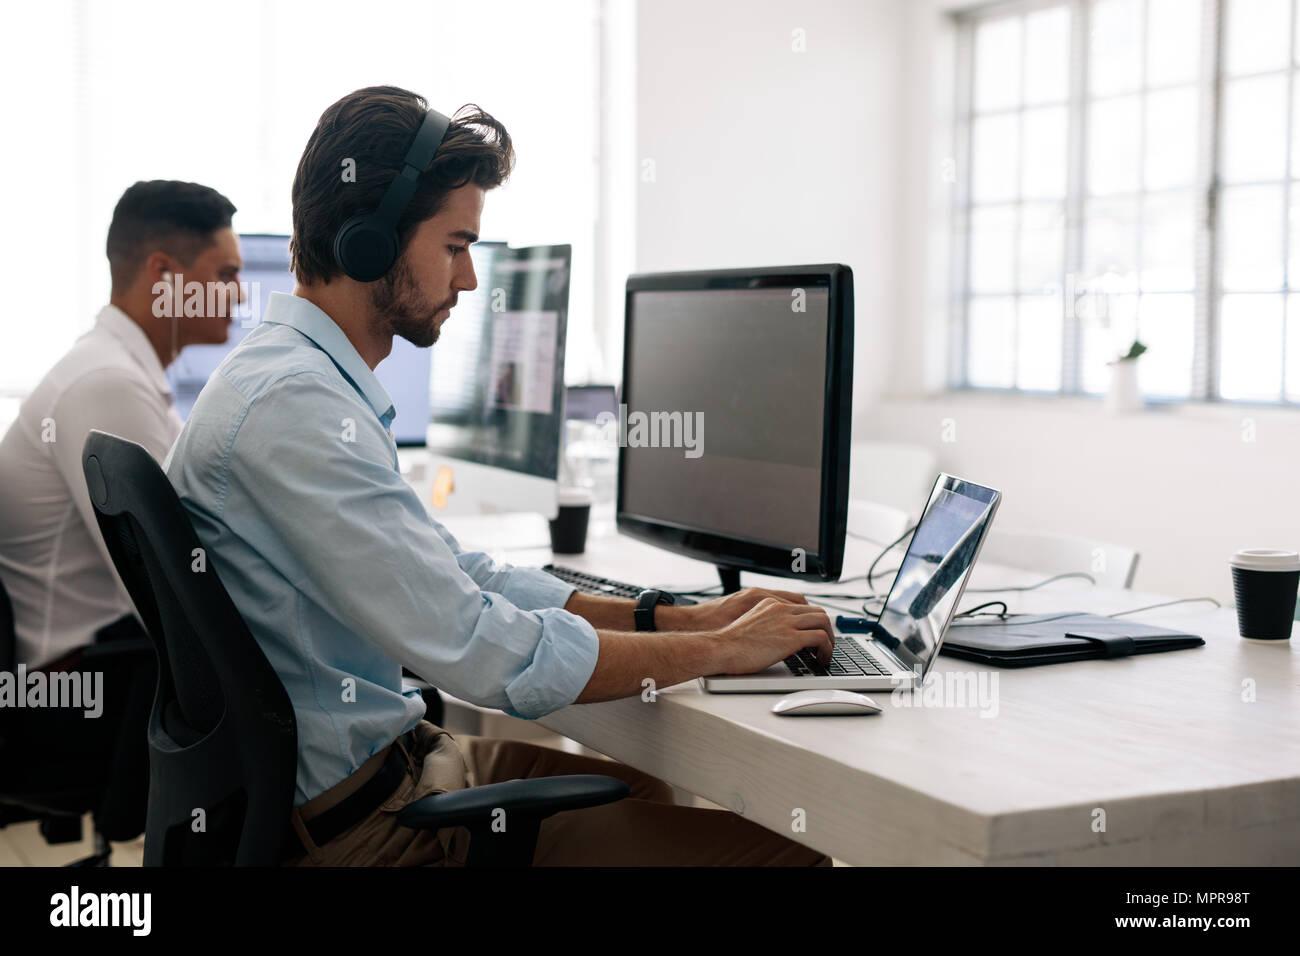 Los desarrolladores de software sentado en la oficina trabajando en equipos que lleva puestos los auriculares. El desarrollador de la aplicación trabajando en un portátil en la oficina. Imagen De Stock